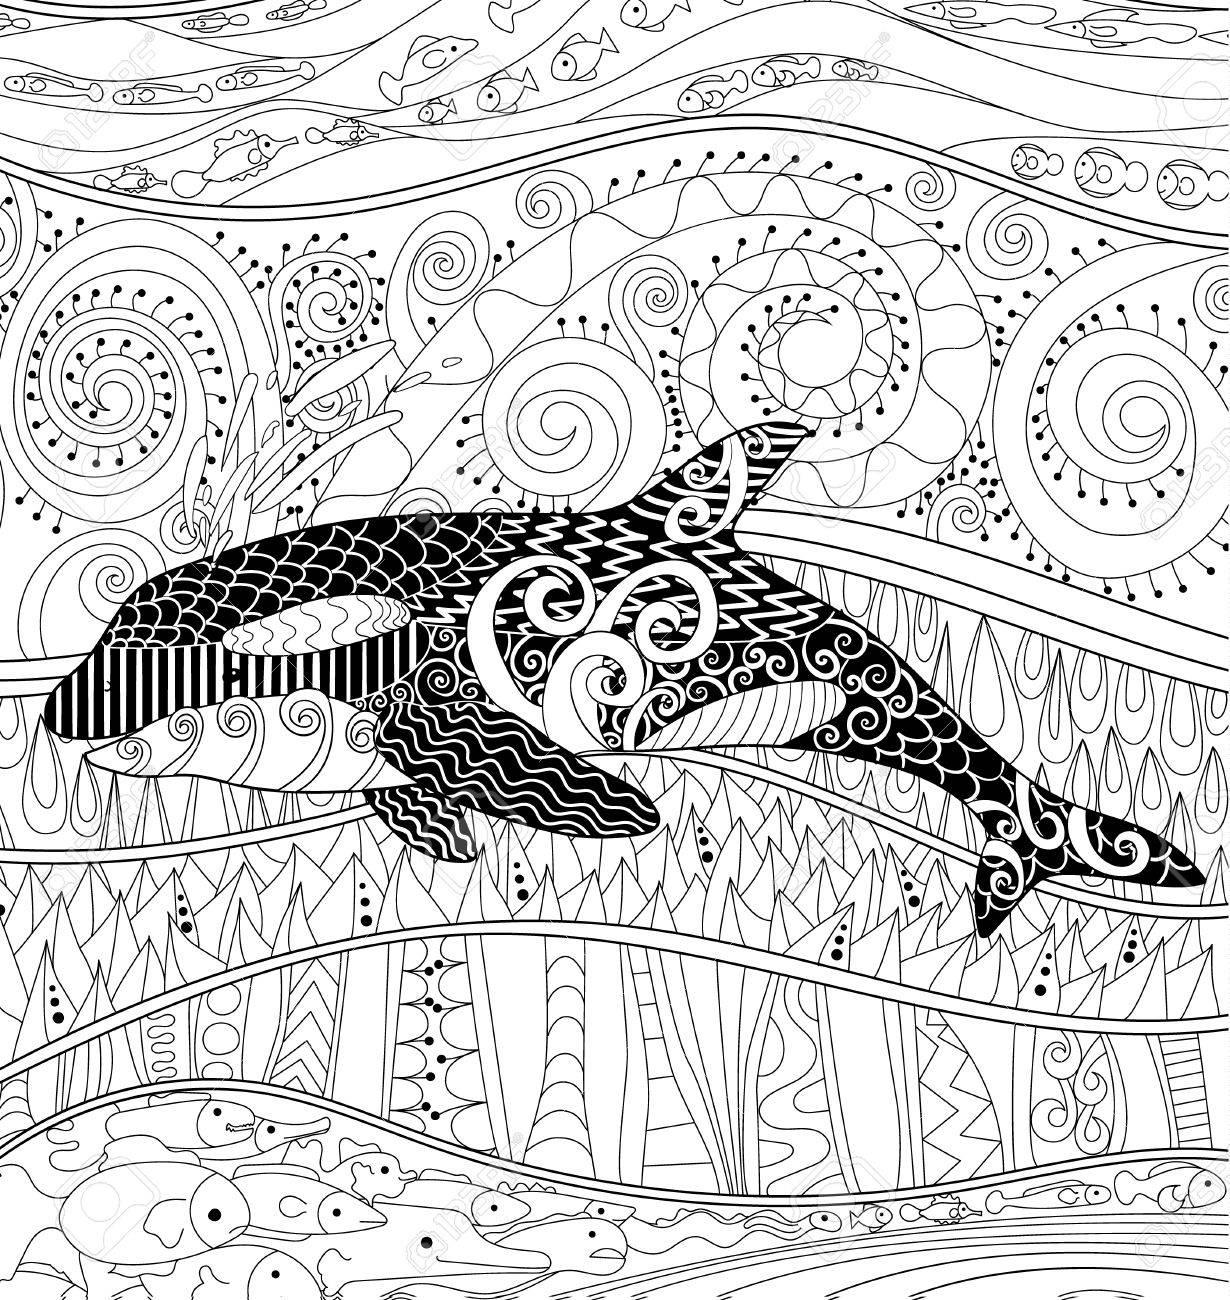 Ausgezeichnet Mörderwal Färbung Seite Zeitgenössisch - Entry Level ...